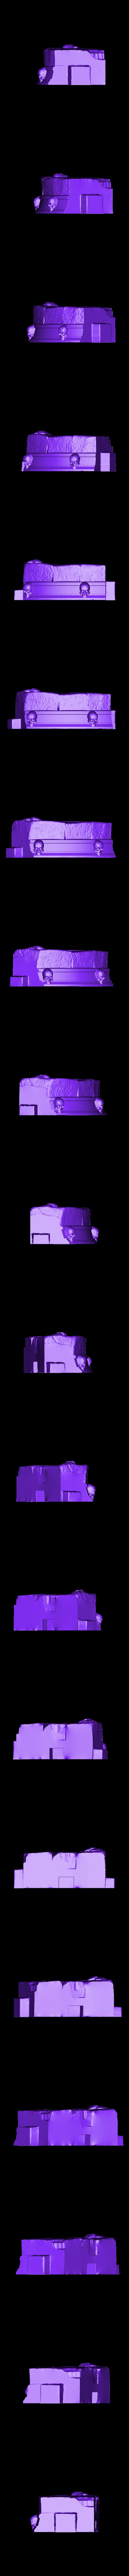 Base5.stl Télécharger fichier STL TUEUR À GAGES • Objet à imprimer en 3D, freeclimbingbo